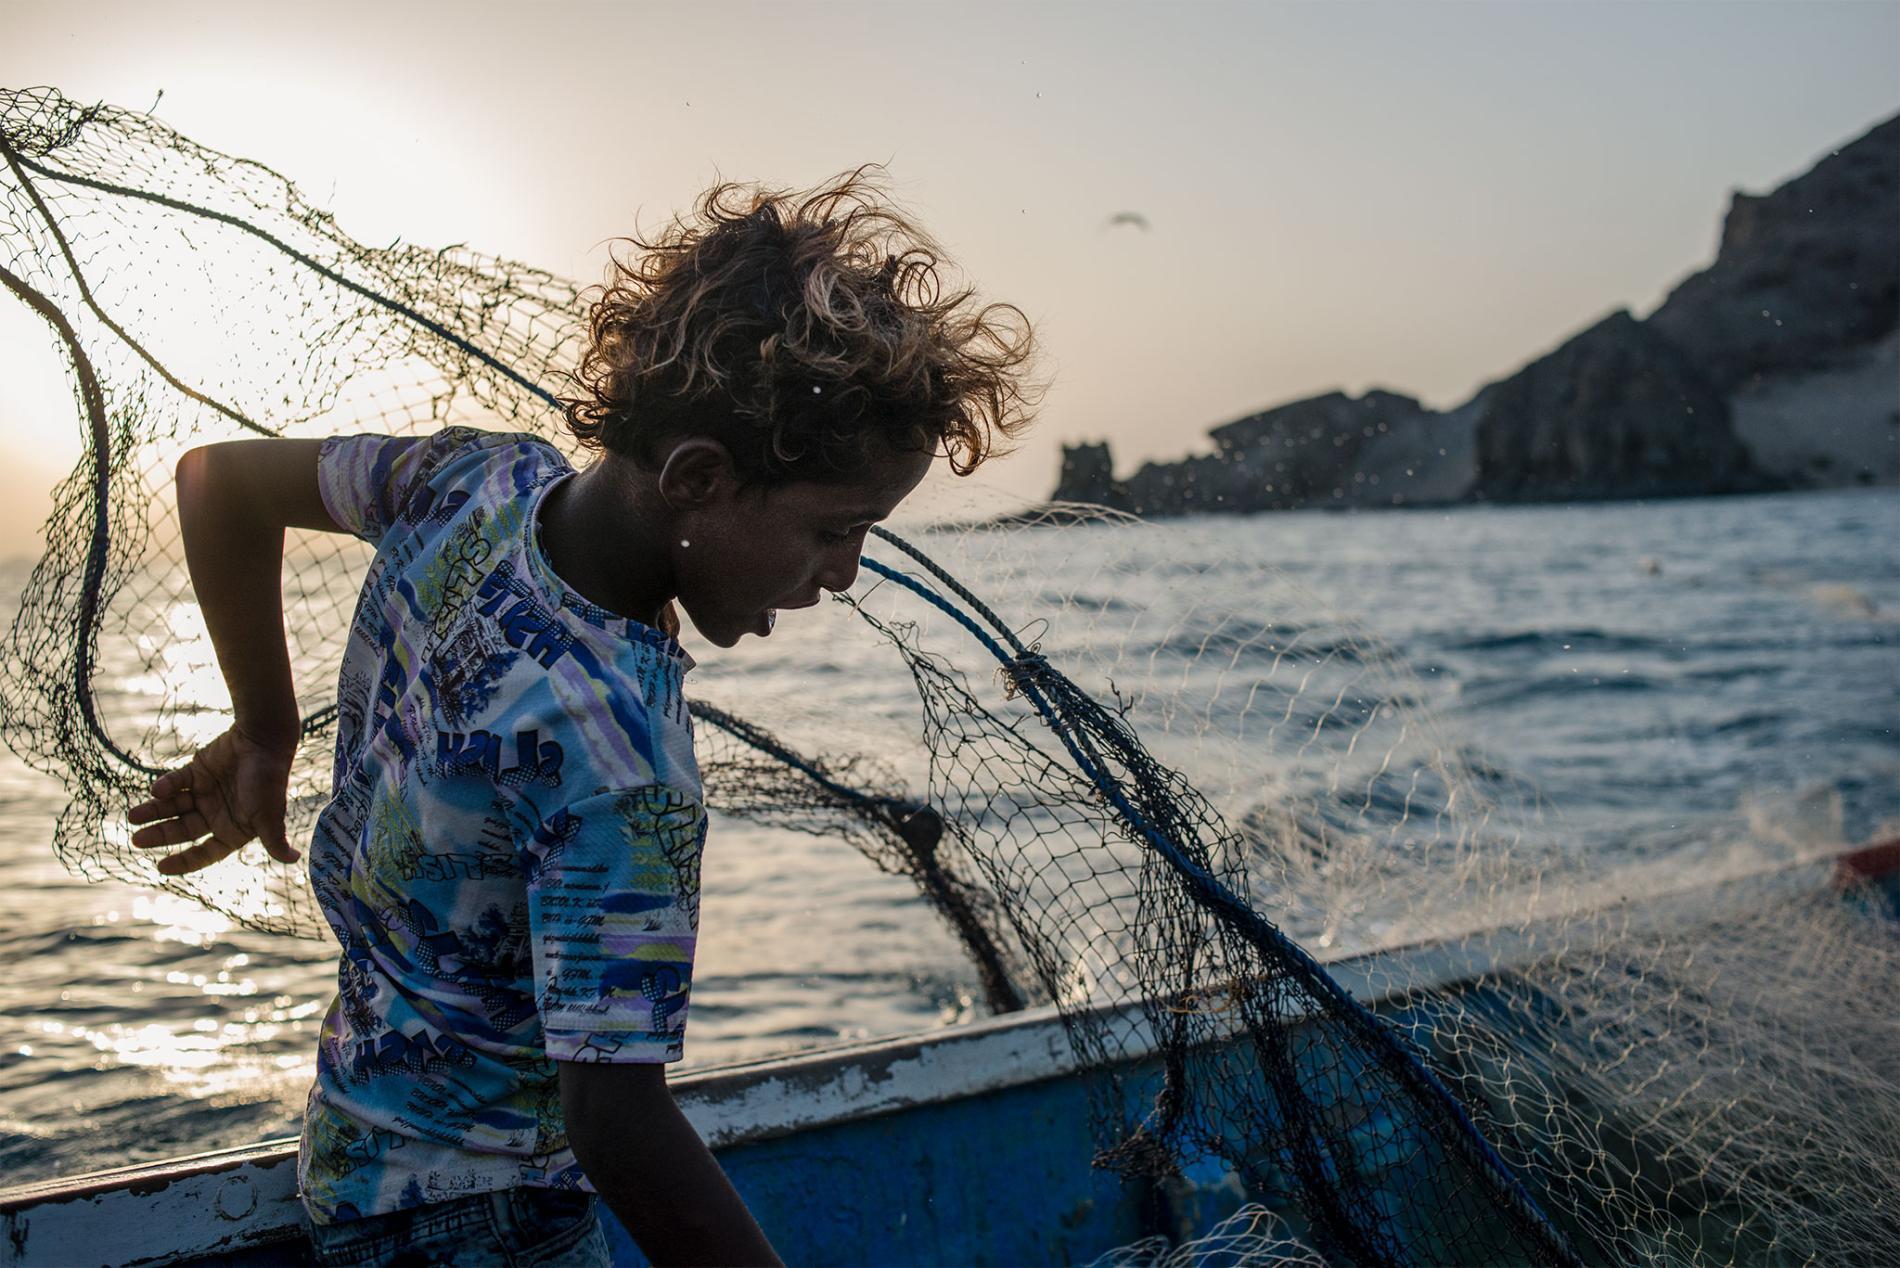 صور لـ لناشيونال جيوغرافيك من ثلاث محافظات يمنية